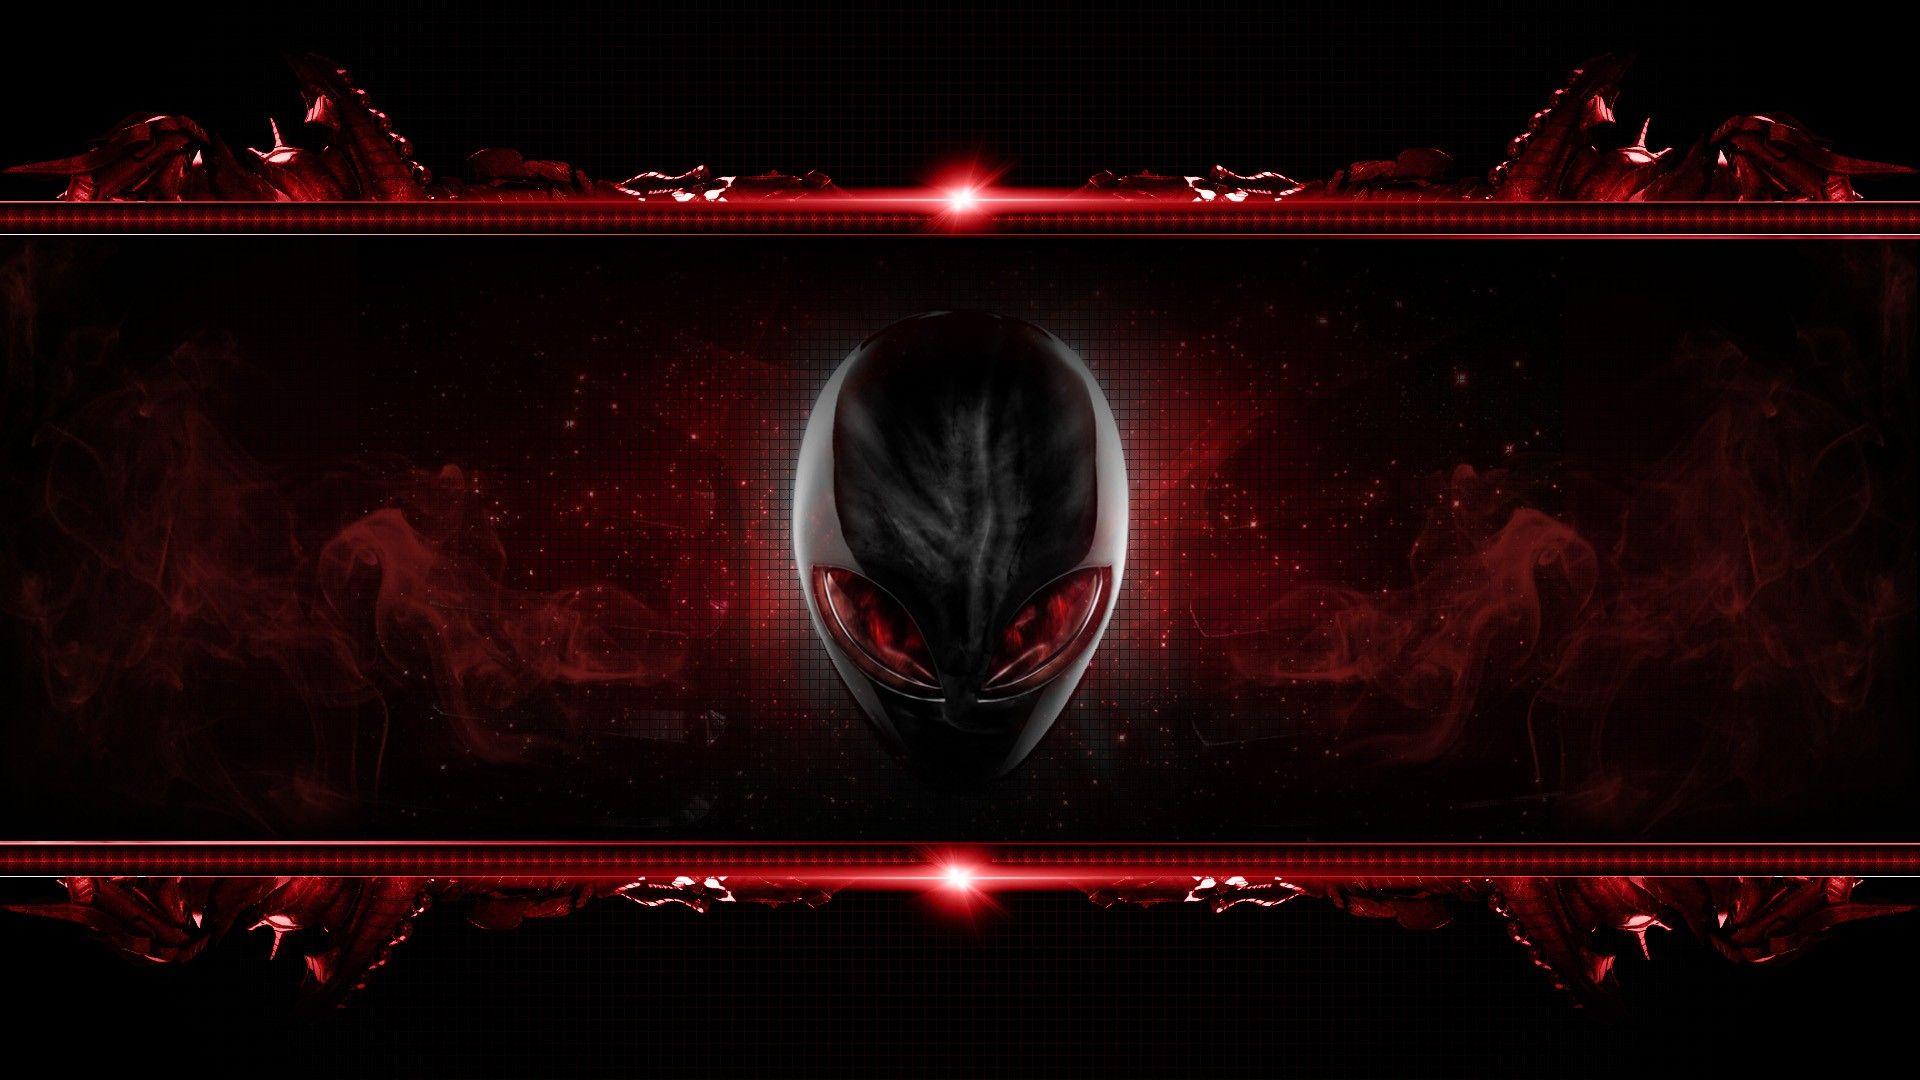 Alienware Desktop Background Red Alien Head Flames 1920x1200 Alienware Desktop Alienware Desktop Wallpaper